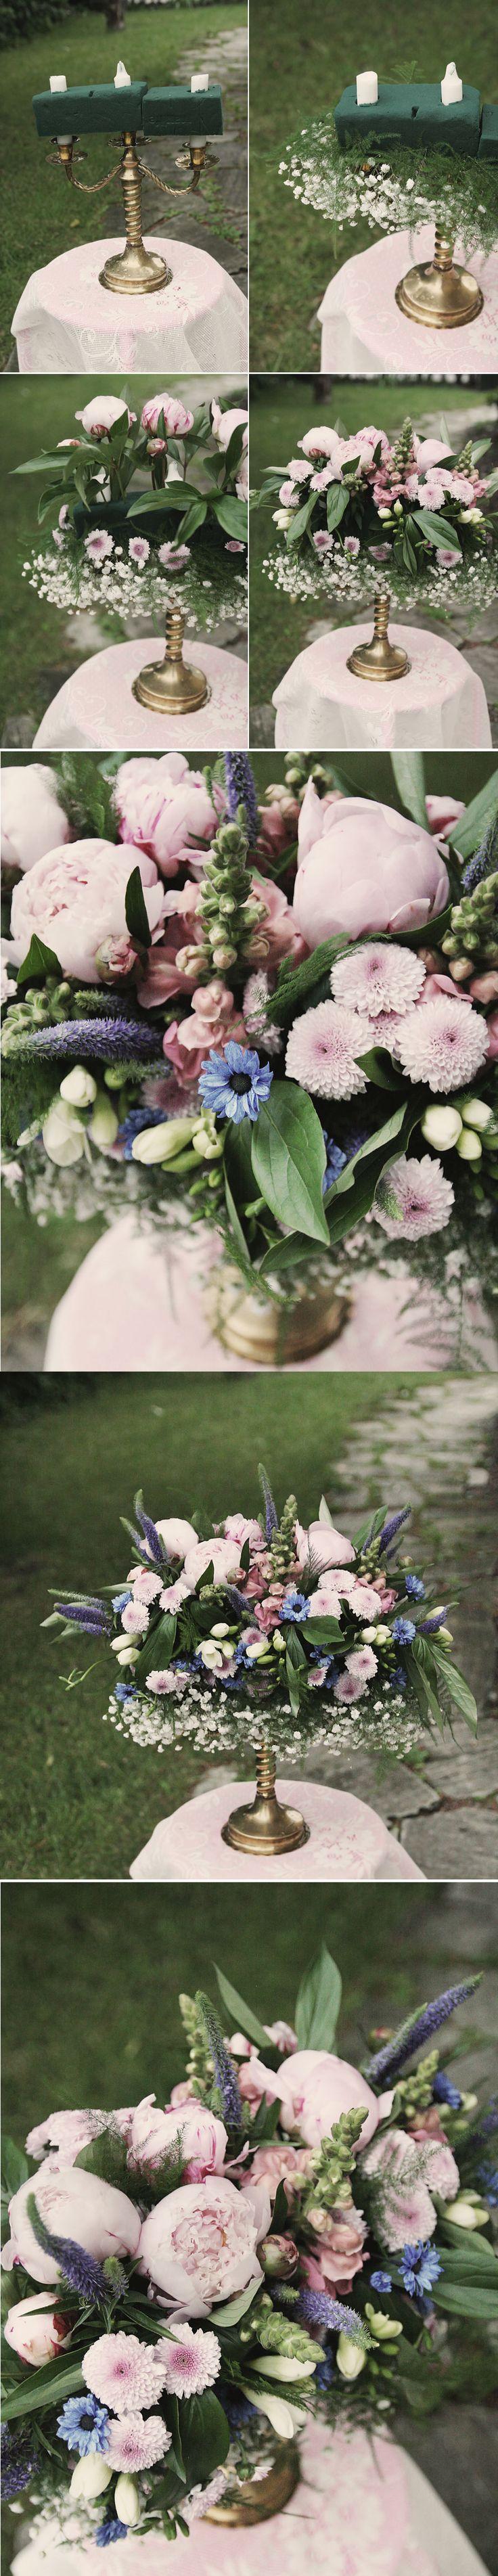 Underbart blomsterarrangemang att göra själv!